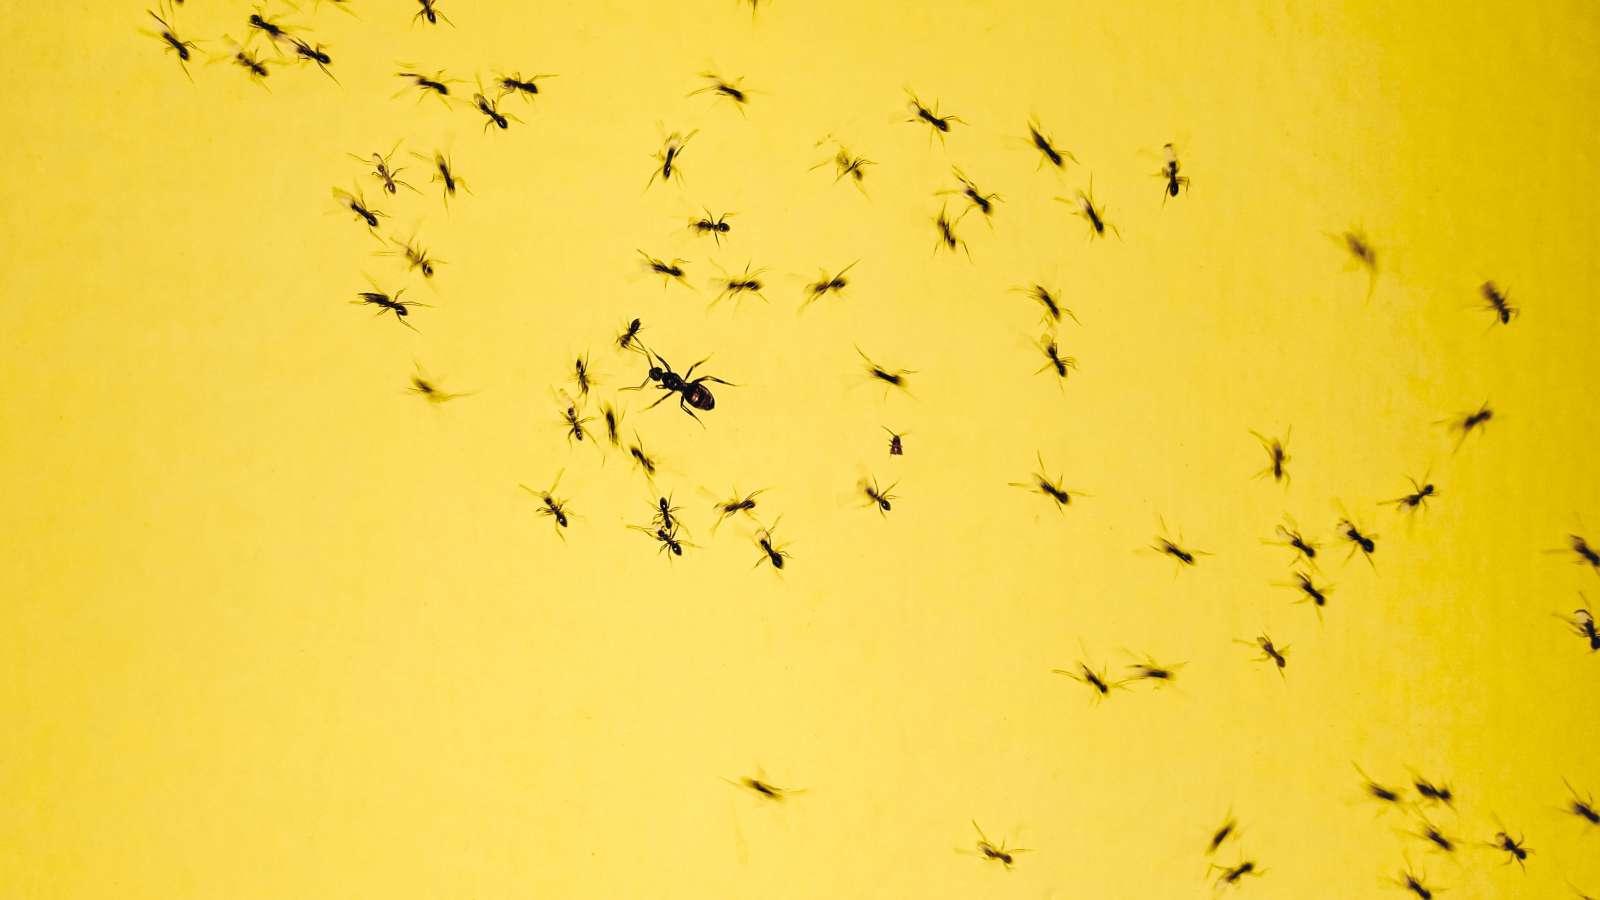 crawling ants